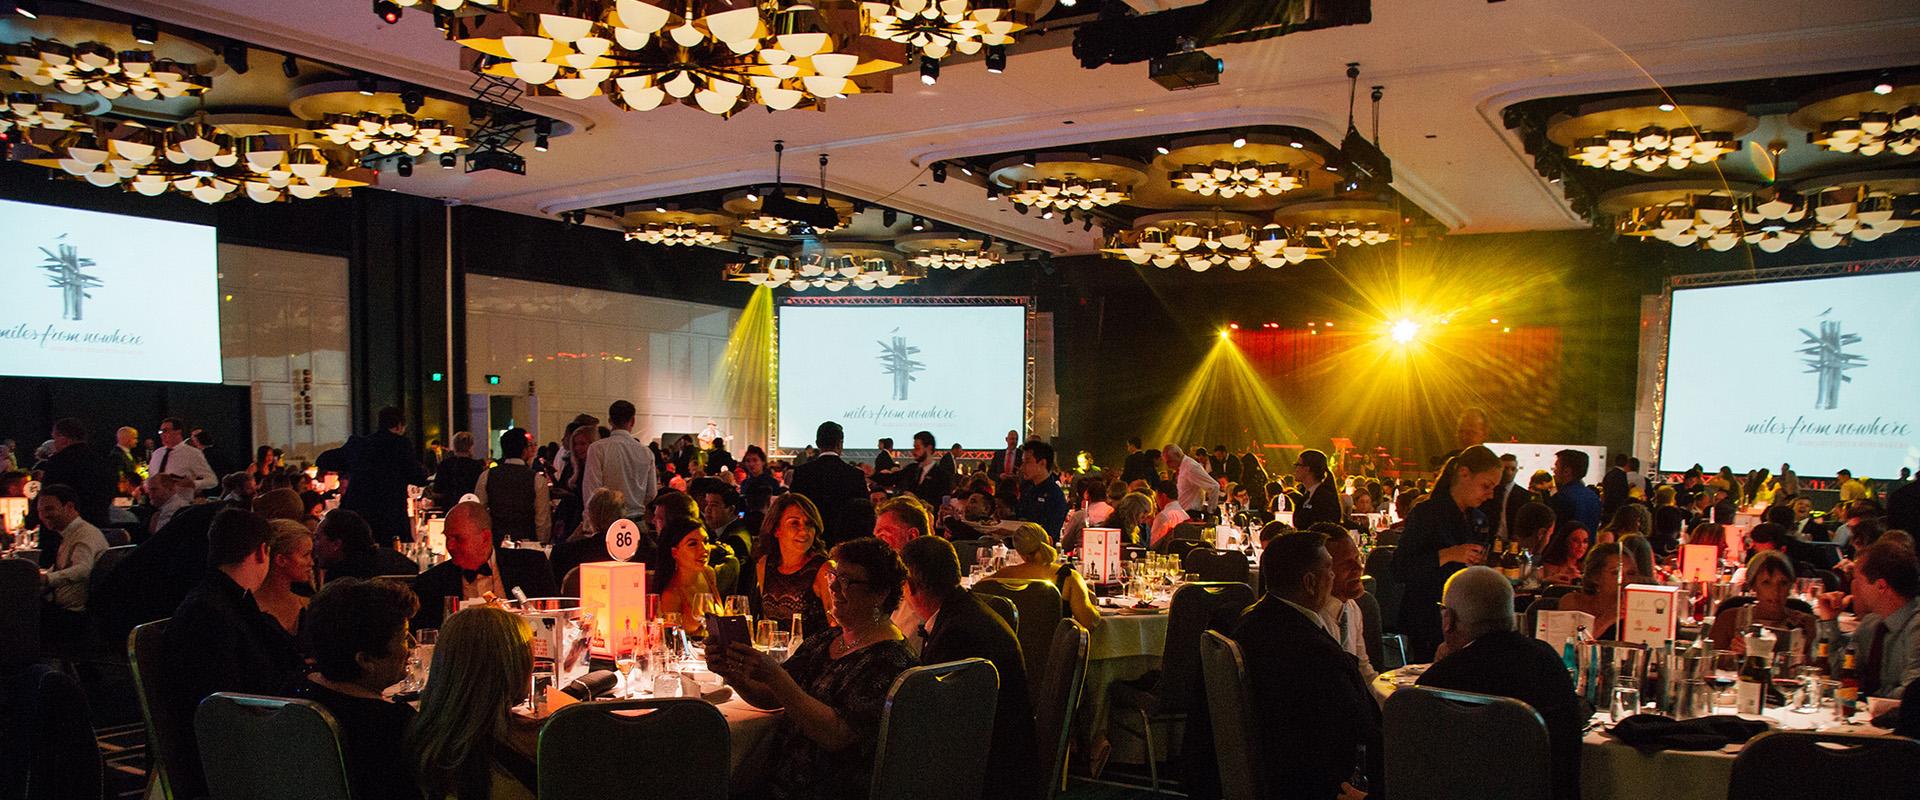 AHA WA - Events   Australian Hotels Association